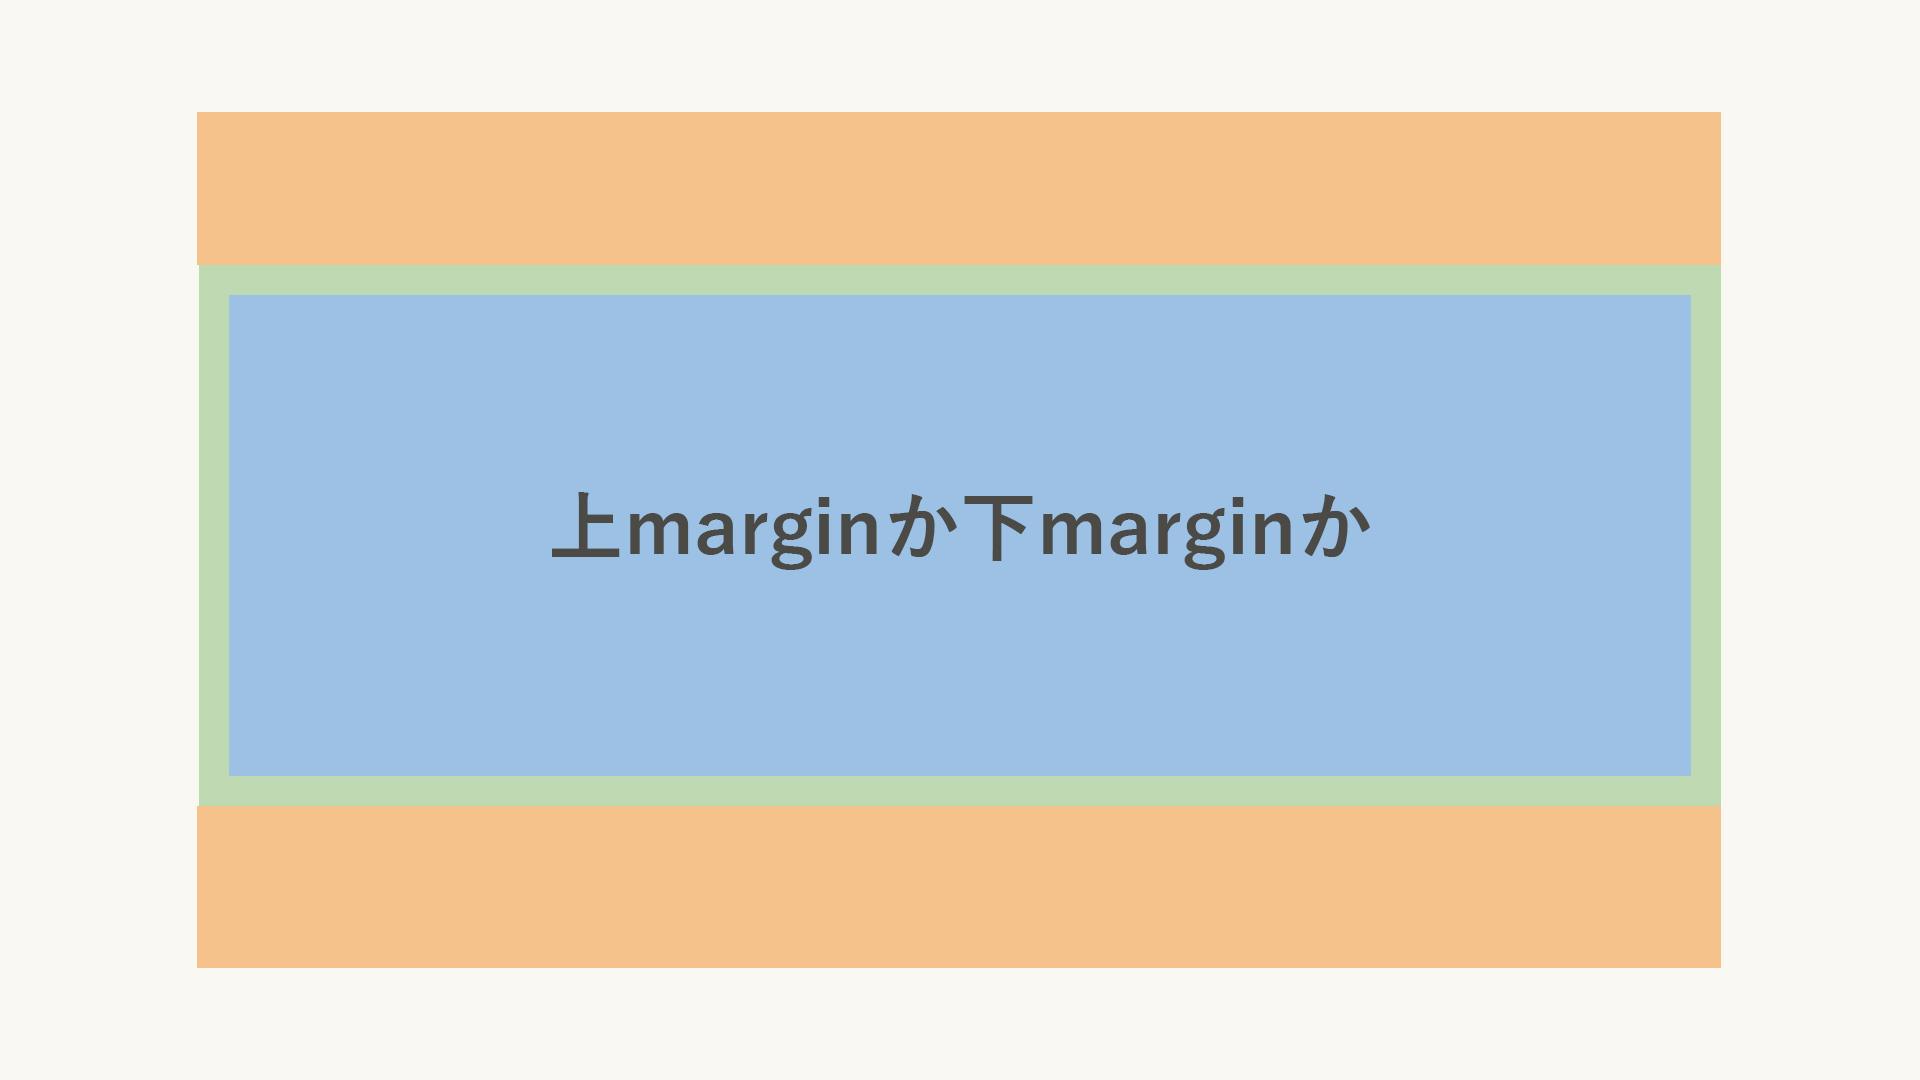 上marginか下marginか、どちらに統一すべきかの結論